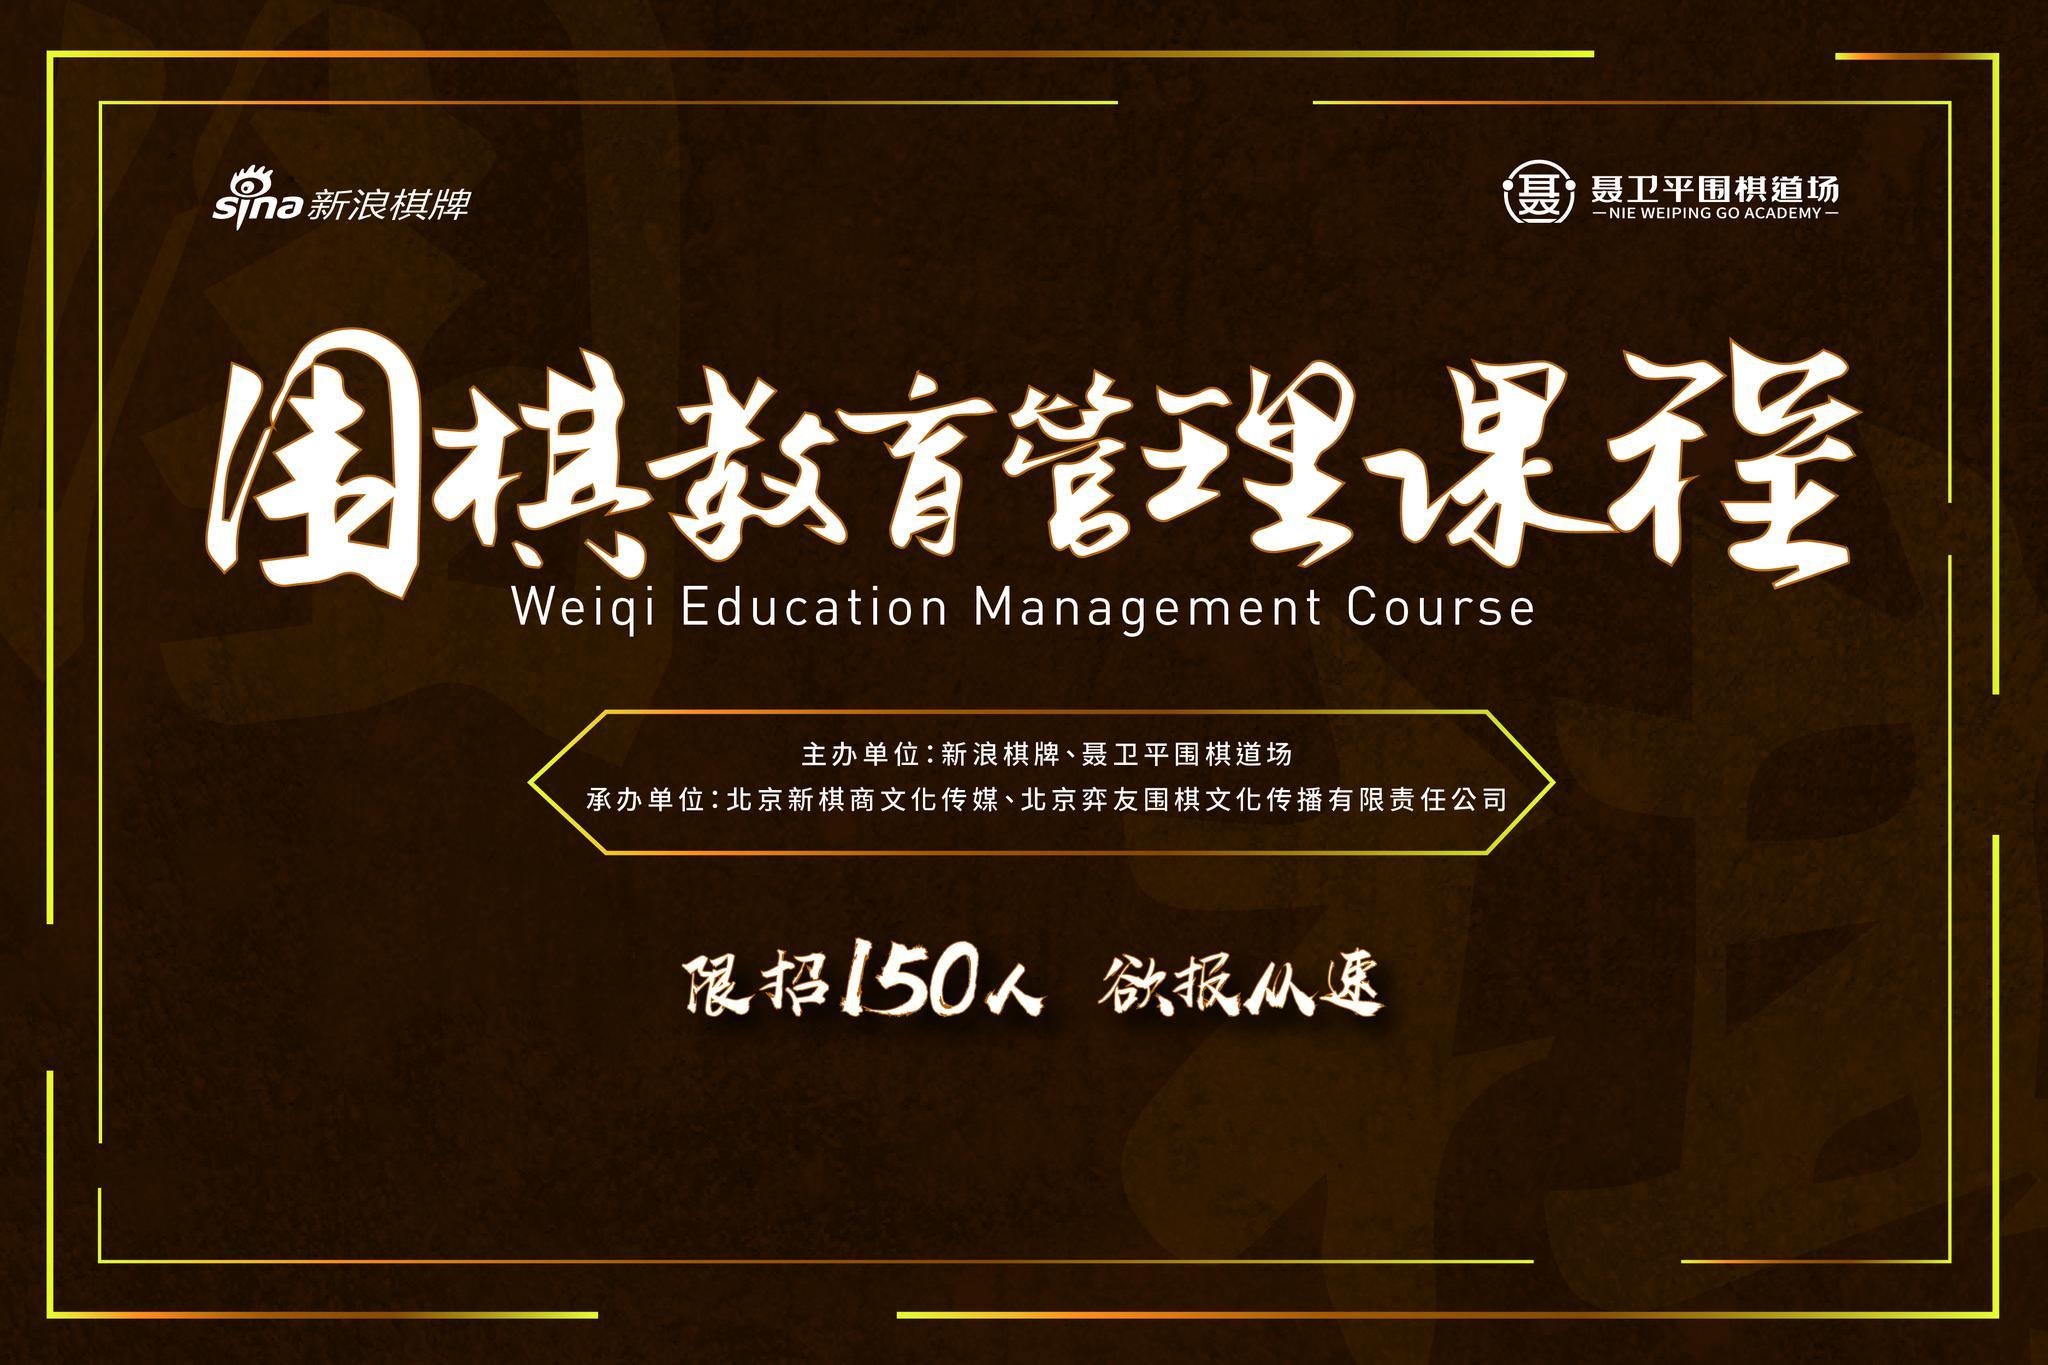 围棋教育管理课程6月5日开讲